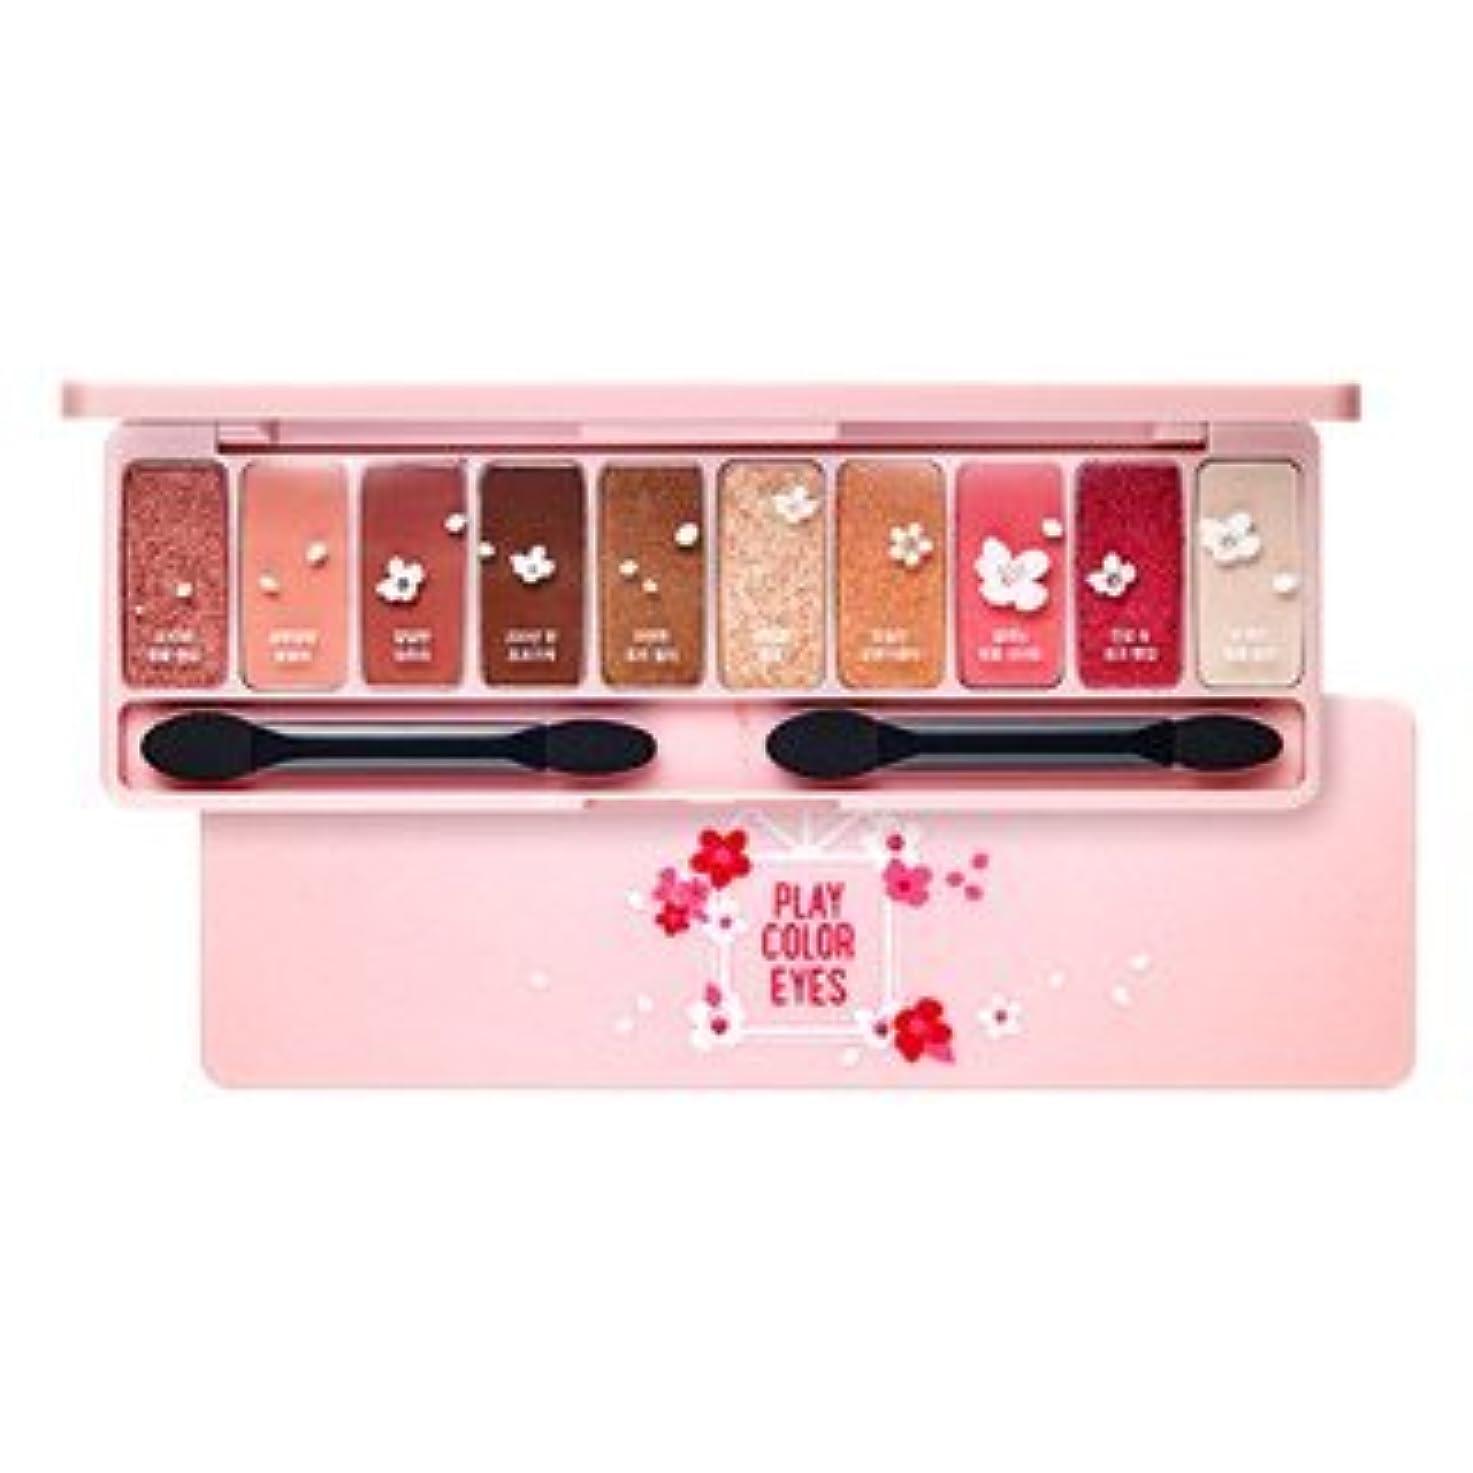 一定逆管理者ETUDE HOUSE Play Color Eyes Cherry Blossom / エチュードハウス プレイカラーアイズチェリーブロッサム 1g x10